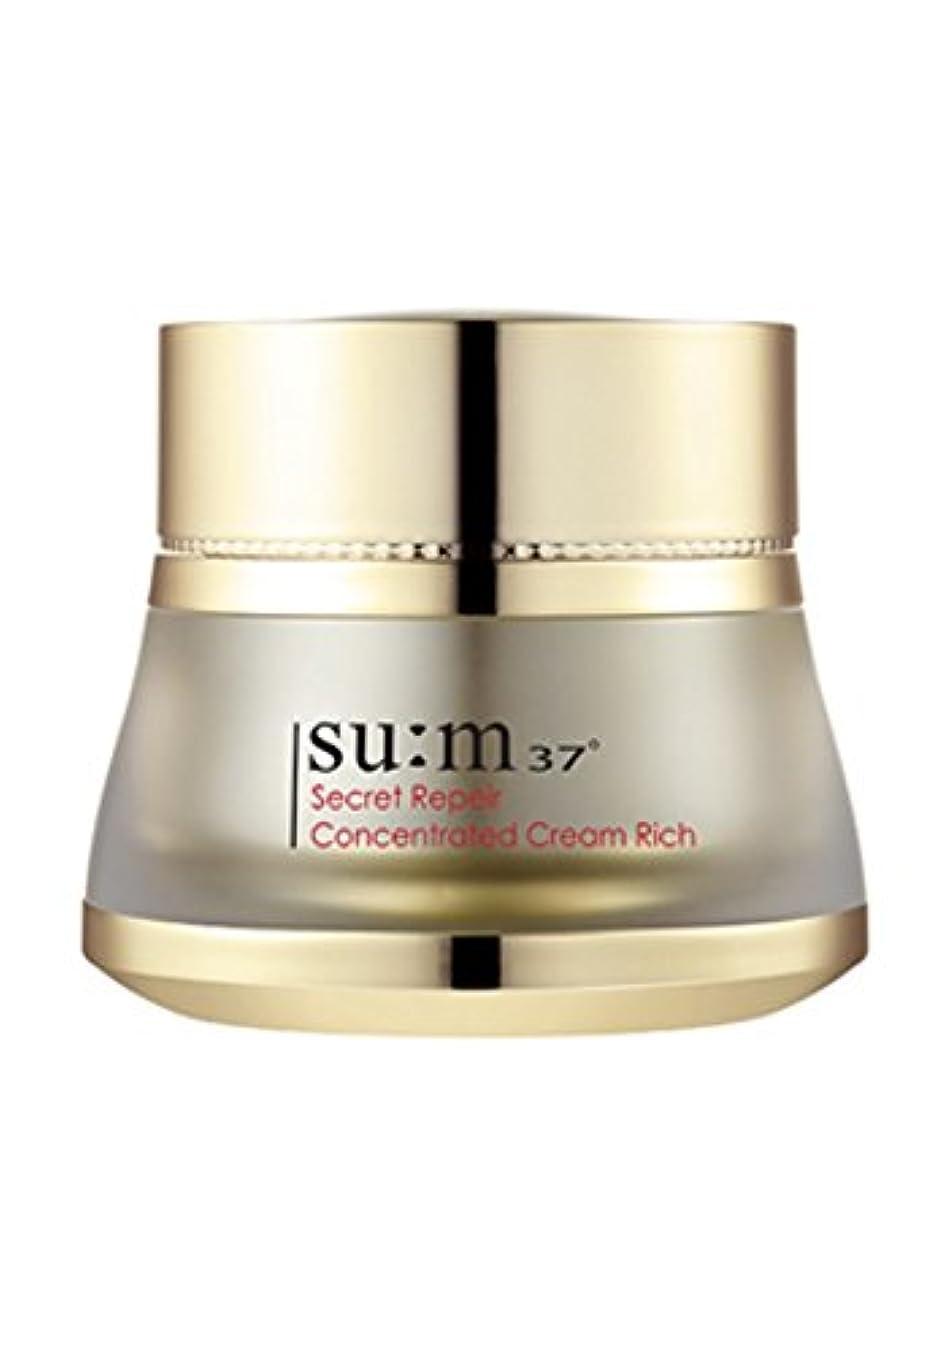 南アメリカ海港グレードsu:m37° Secret Repair Concentrated Cream Rich 50ml/スム37° シークレット リペア コンセントレイテッド クリーム リッチ 50ml